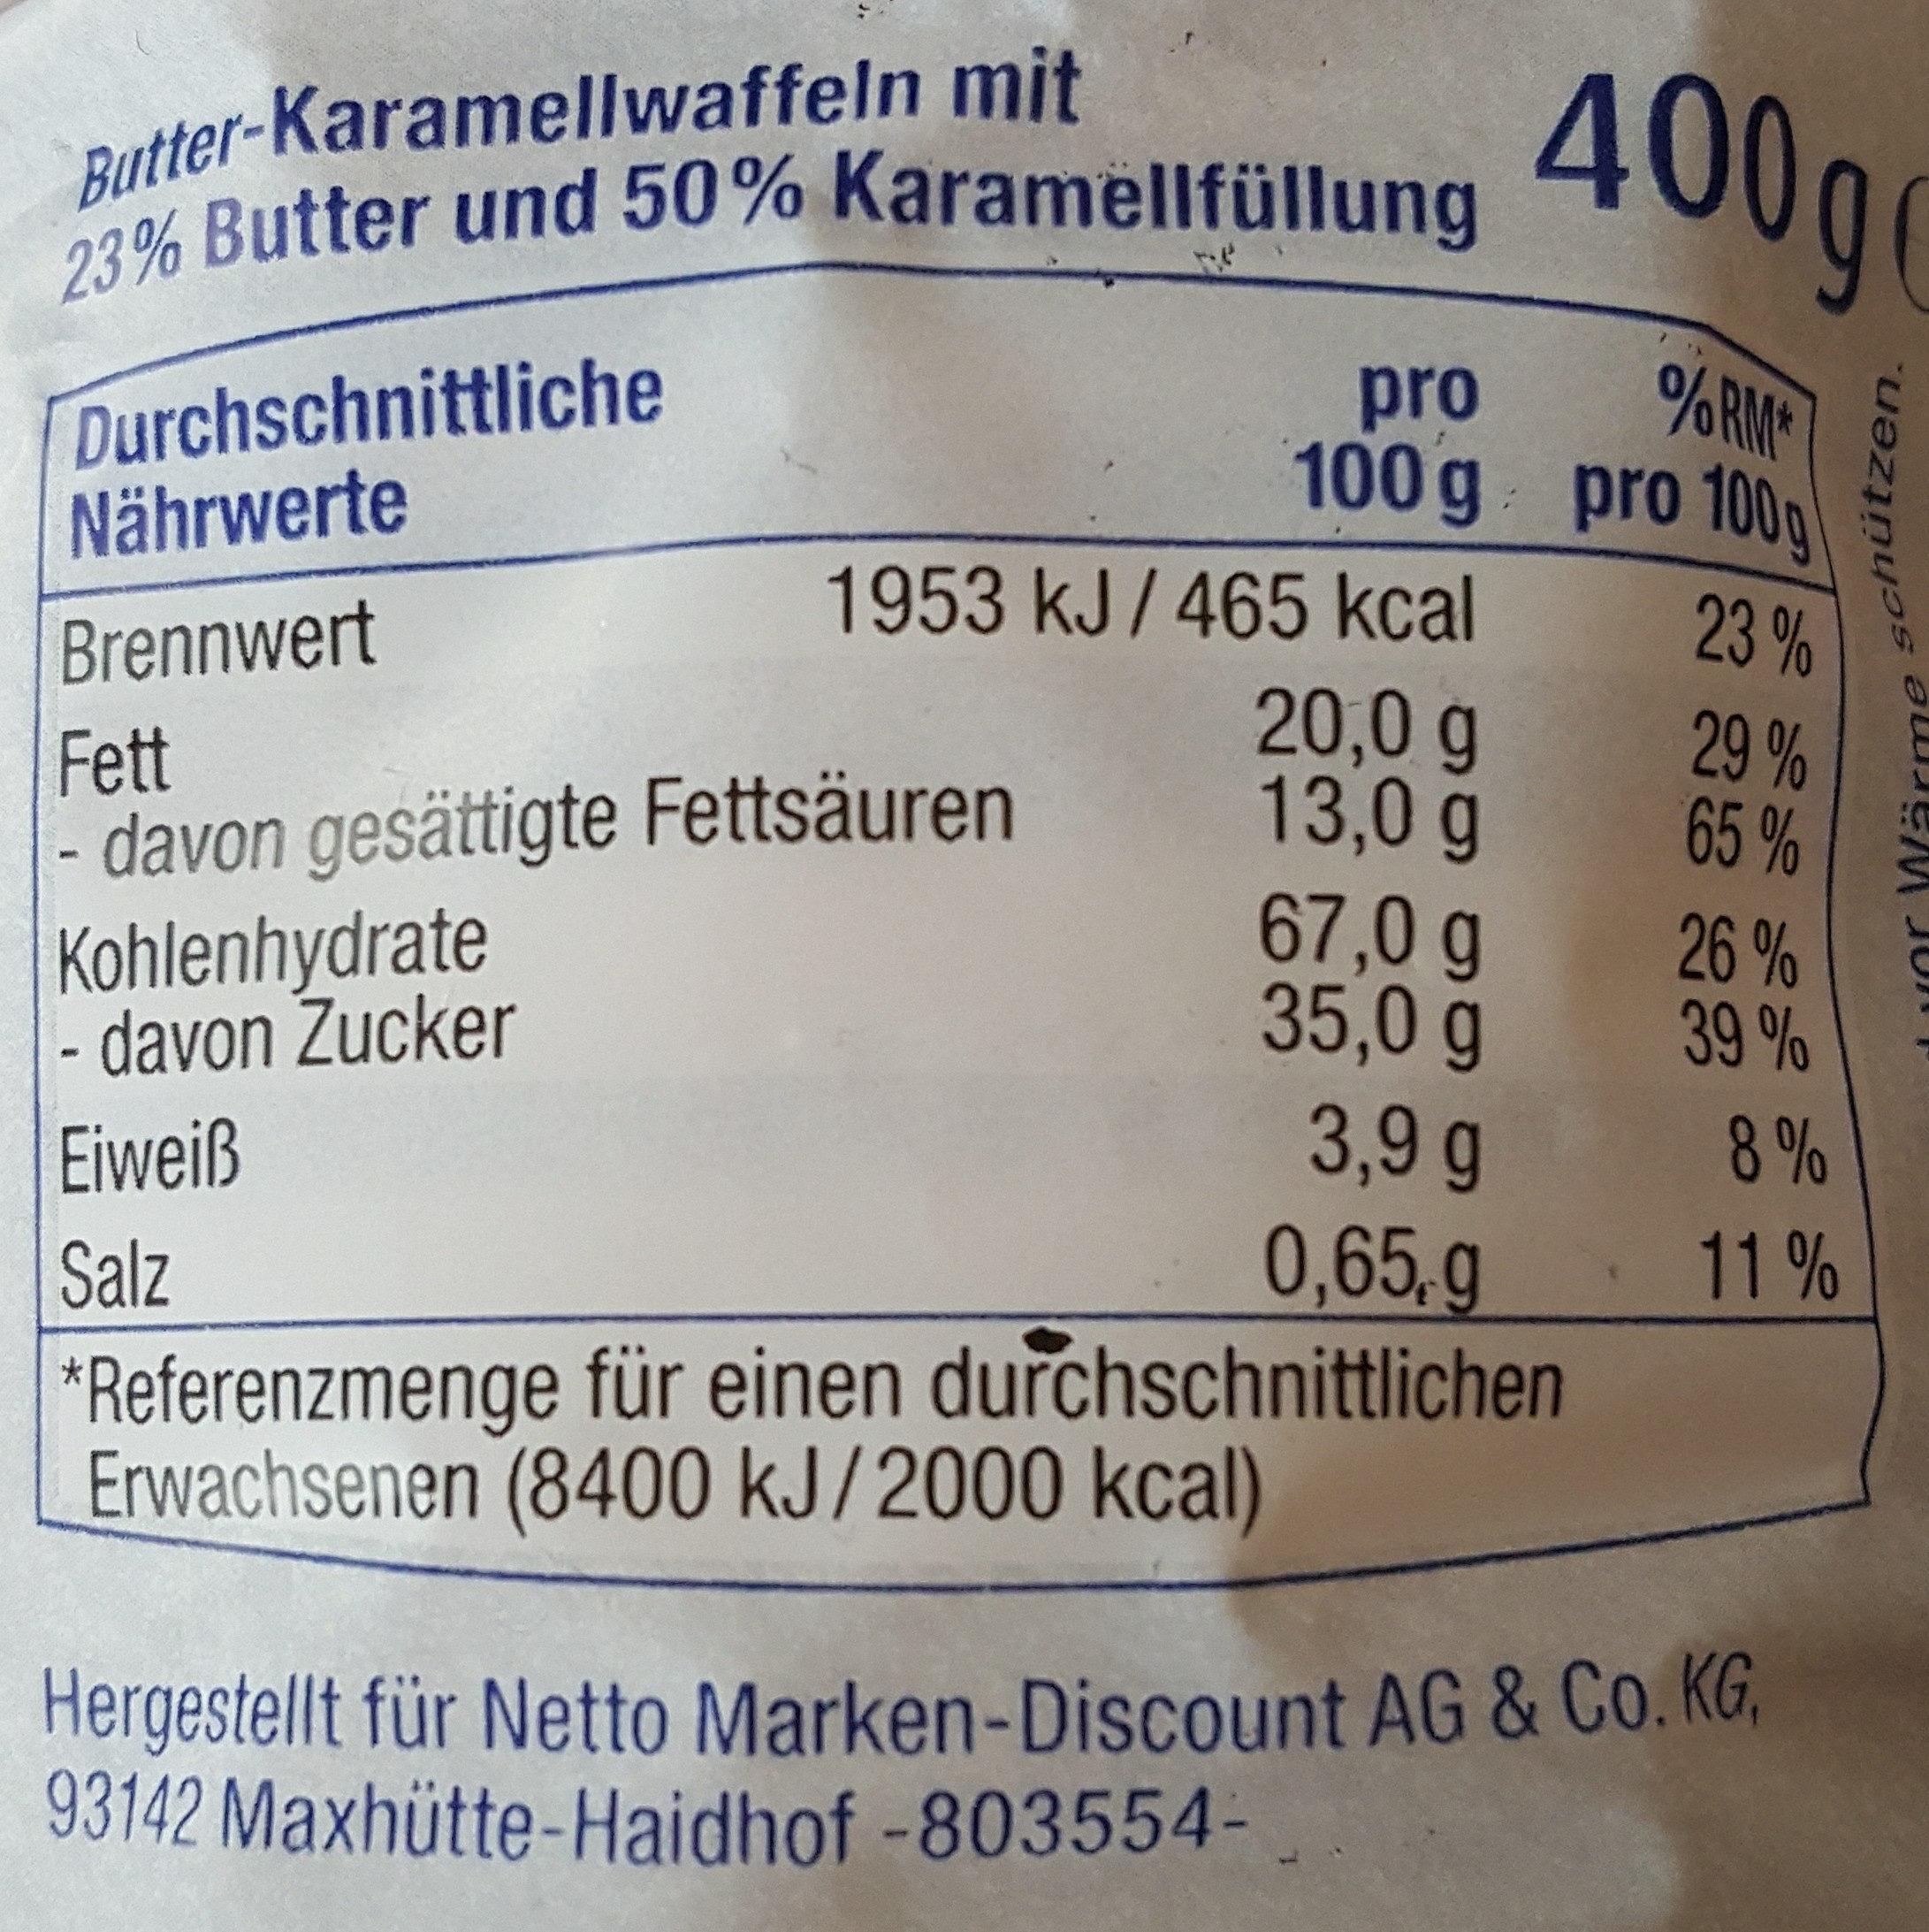 Butter-Karamell Waffeln - Nährwertangaben